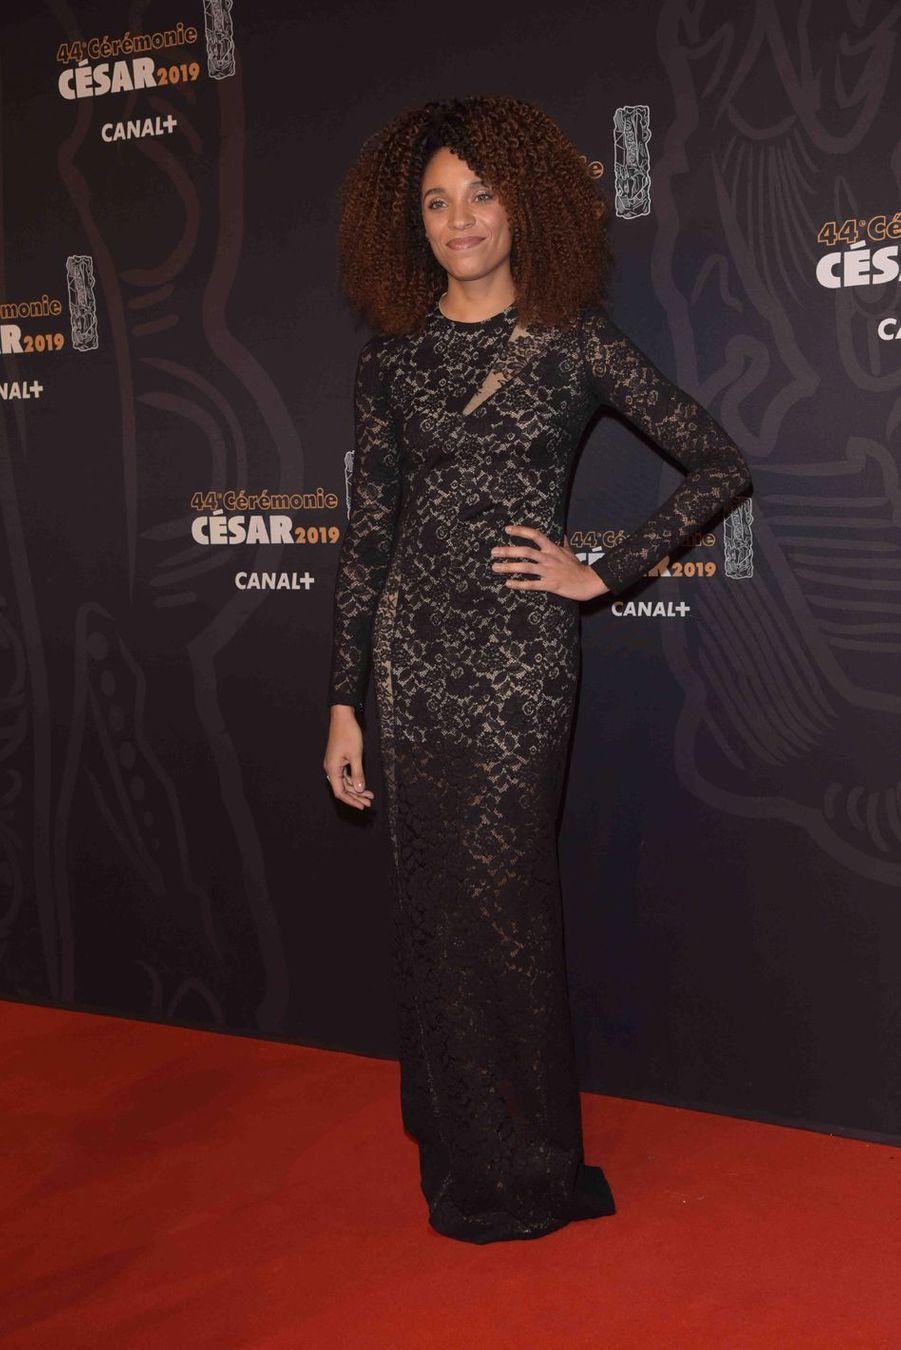 Stéfi Celma à la 44e cérémonie des César à la Salle Pleyel à Paris le 22 février 2019